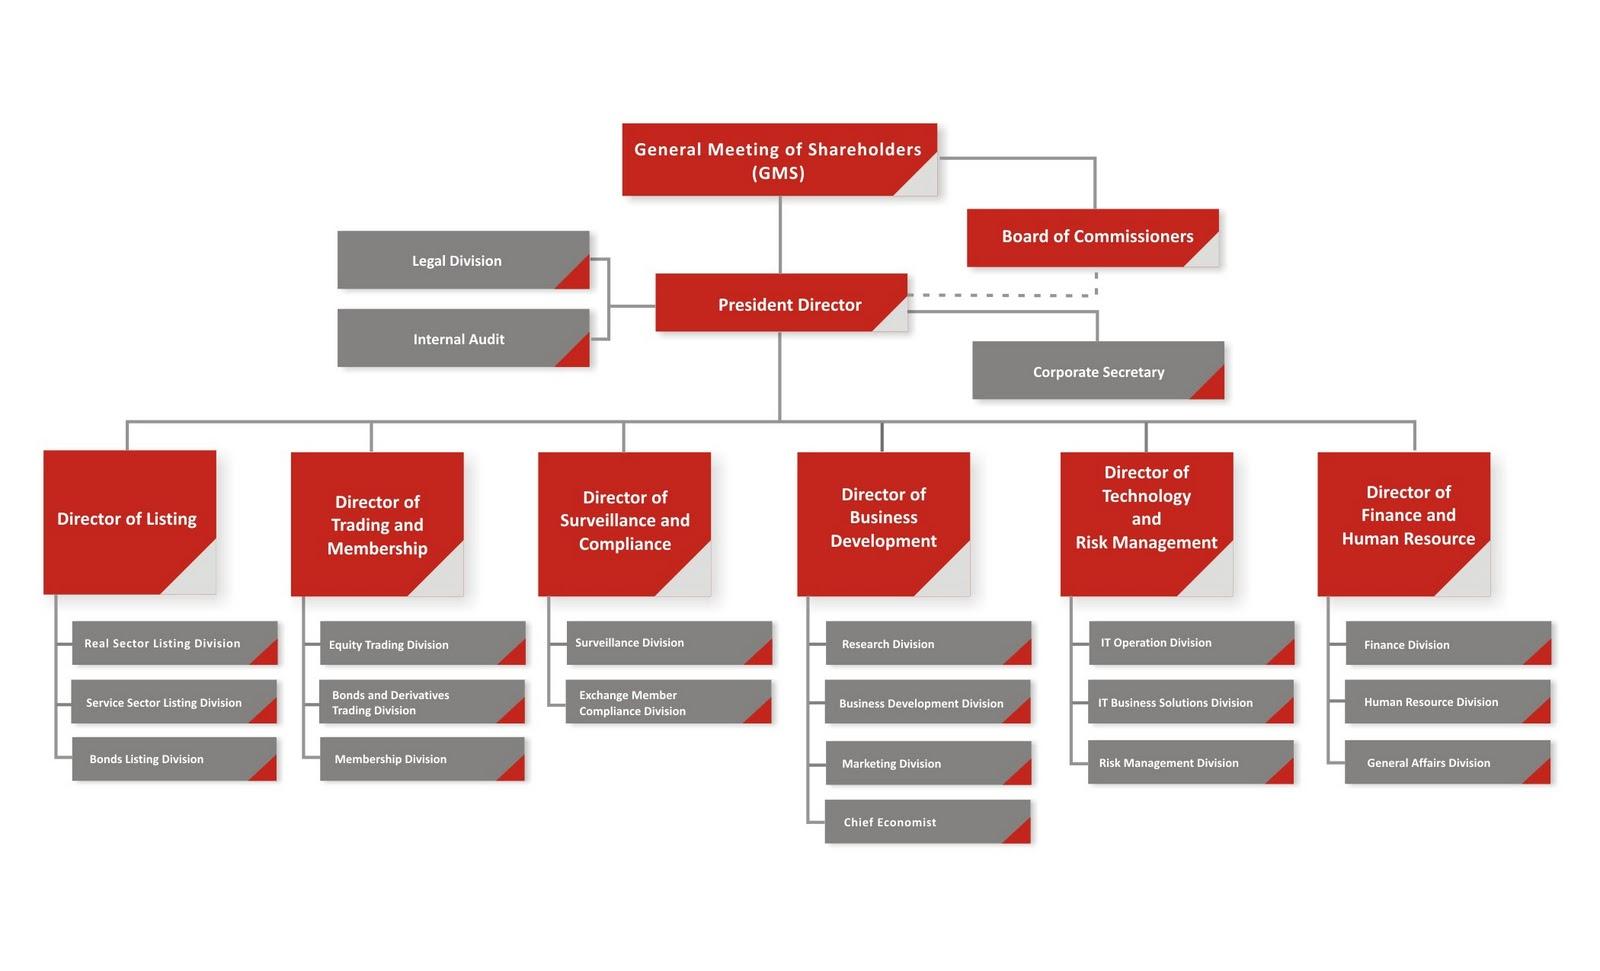 struktur organisasi toyota Struktur organisasi tmmin sumber : toyota motor manufacturing indonesia 15 153 uraian pekerjaan tmmin yang merupakan perusahaan otomotif besar dan terkenal di setiap bagiannya mempunyai tugas masing-masing, untuk uraian pekerjaan di setiap bagiannya adalah: 1.